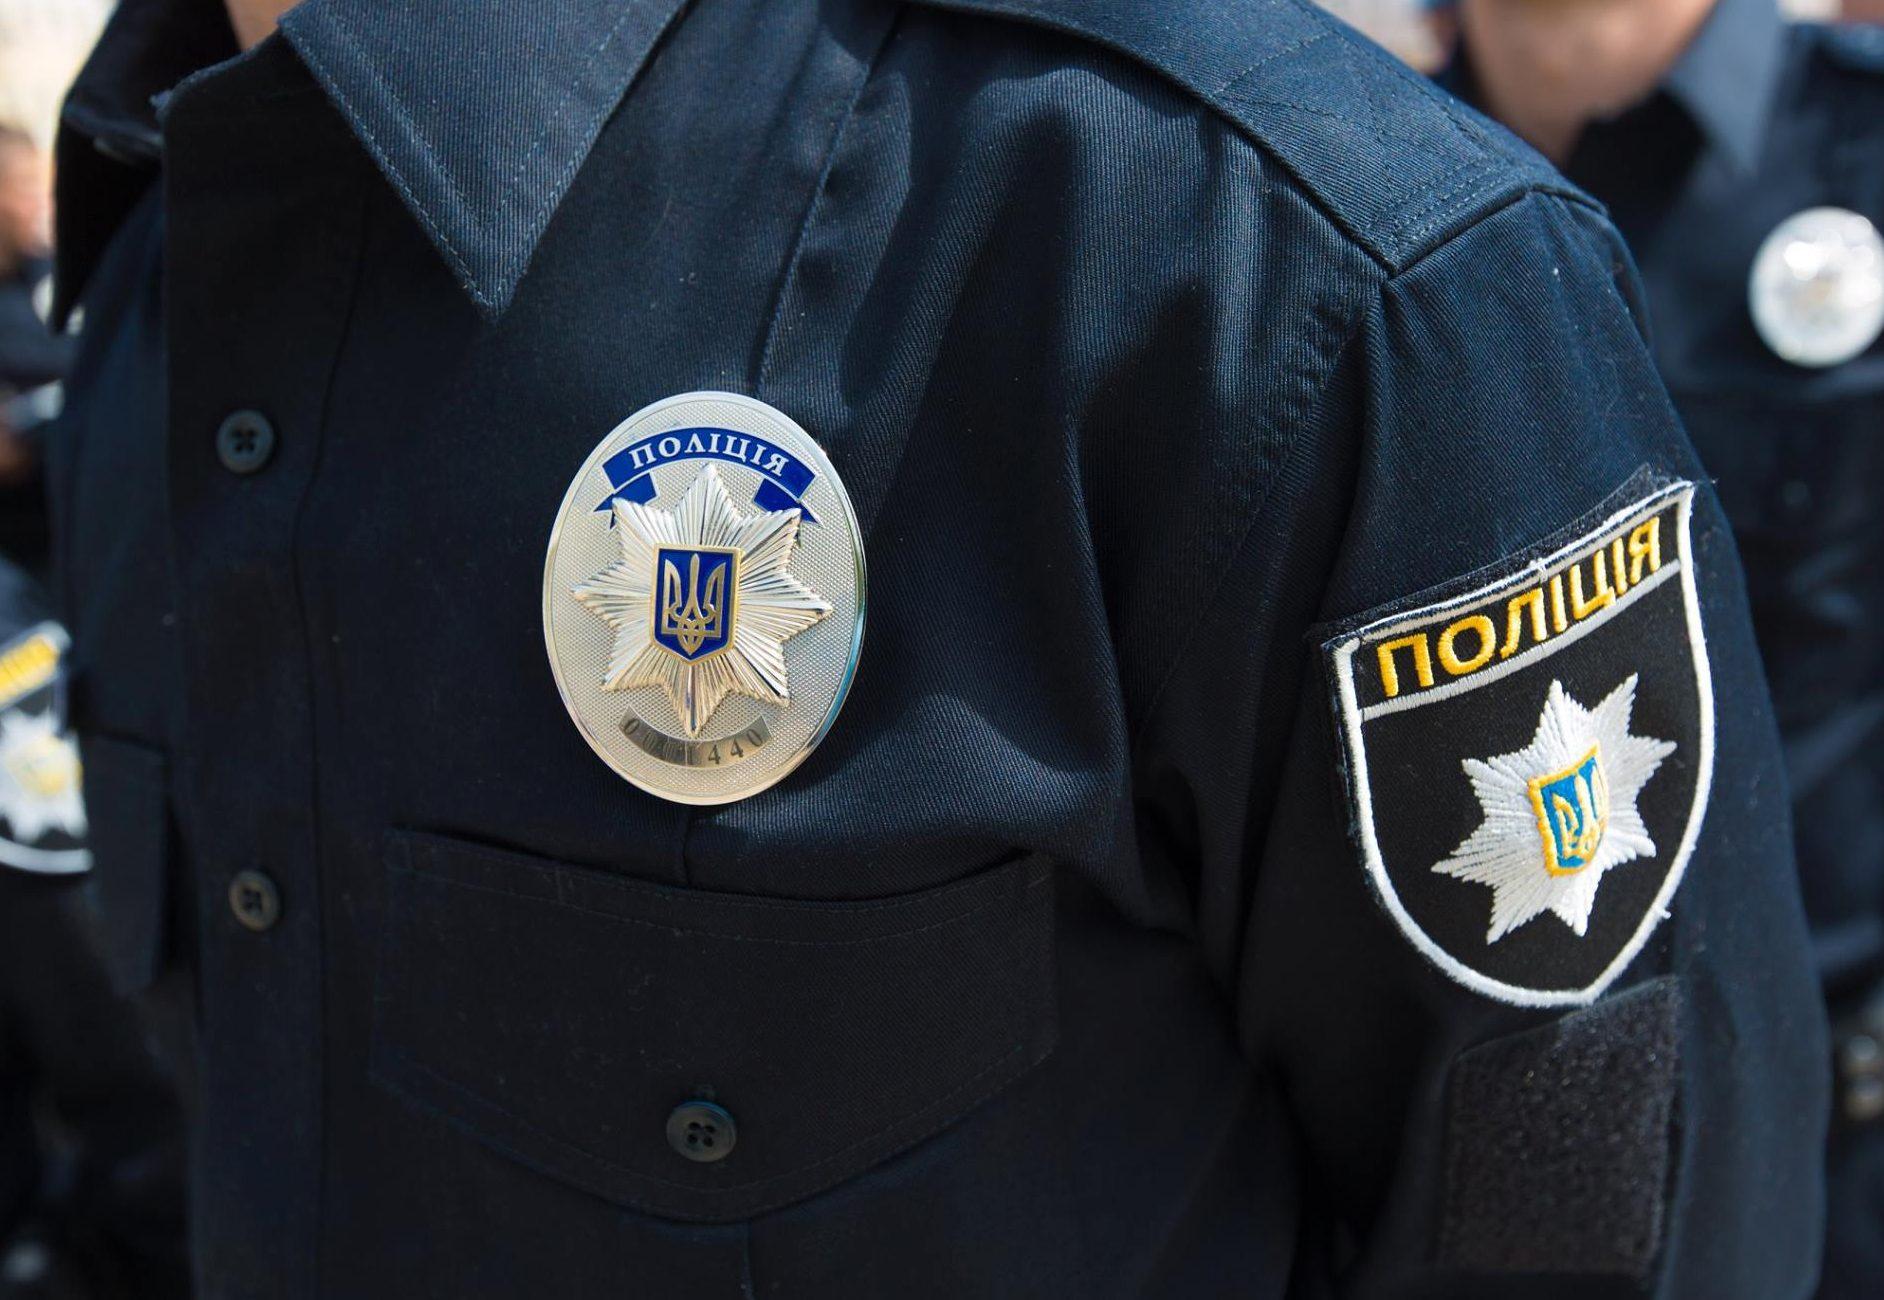 Произвол продолжается: МВД не обеспечило полицию формой и заставляет покупать ее за свой счет